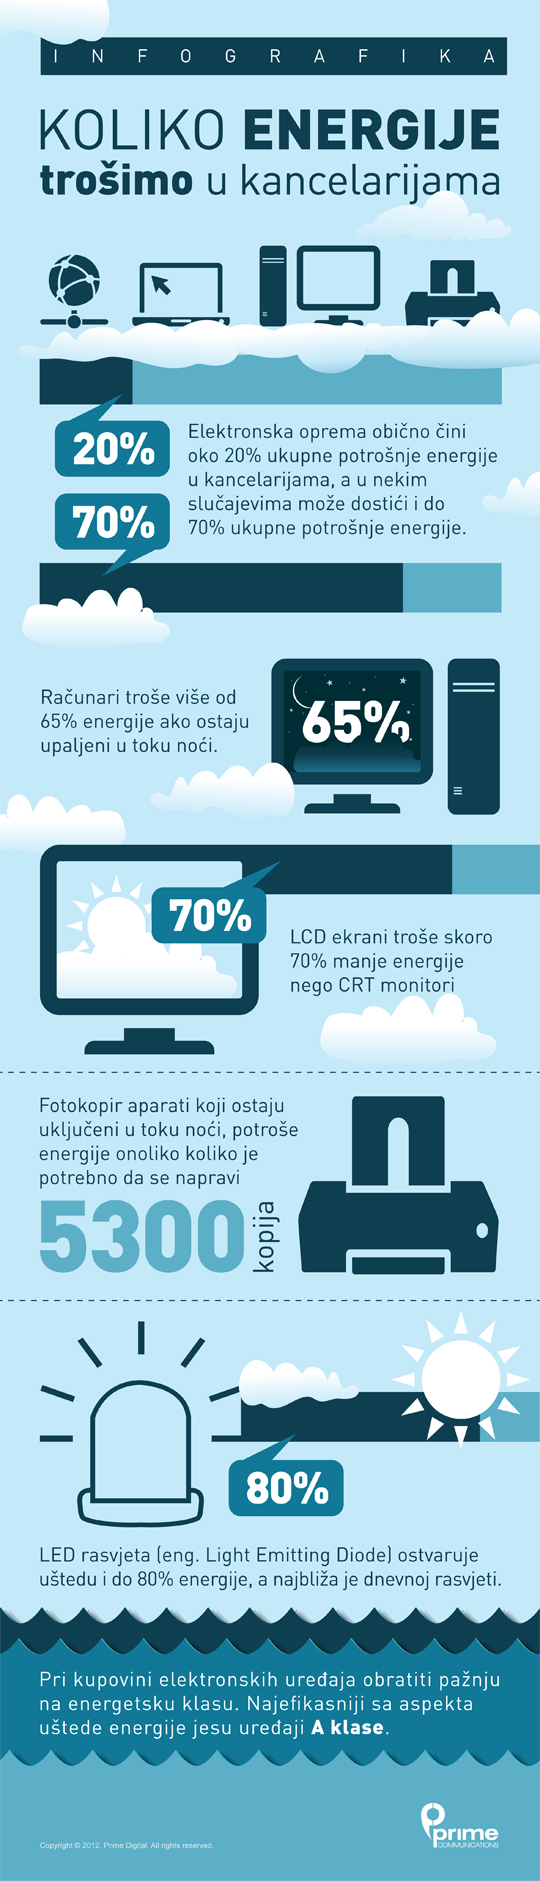 koliko-energije-trosimo-u-kancelarijama-infografika